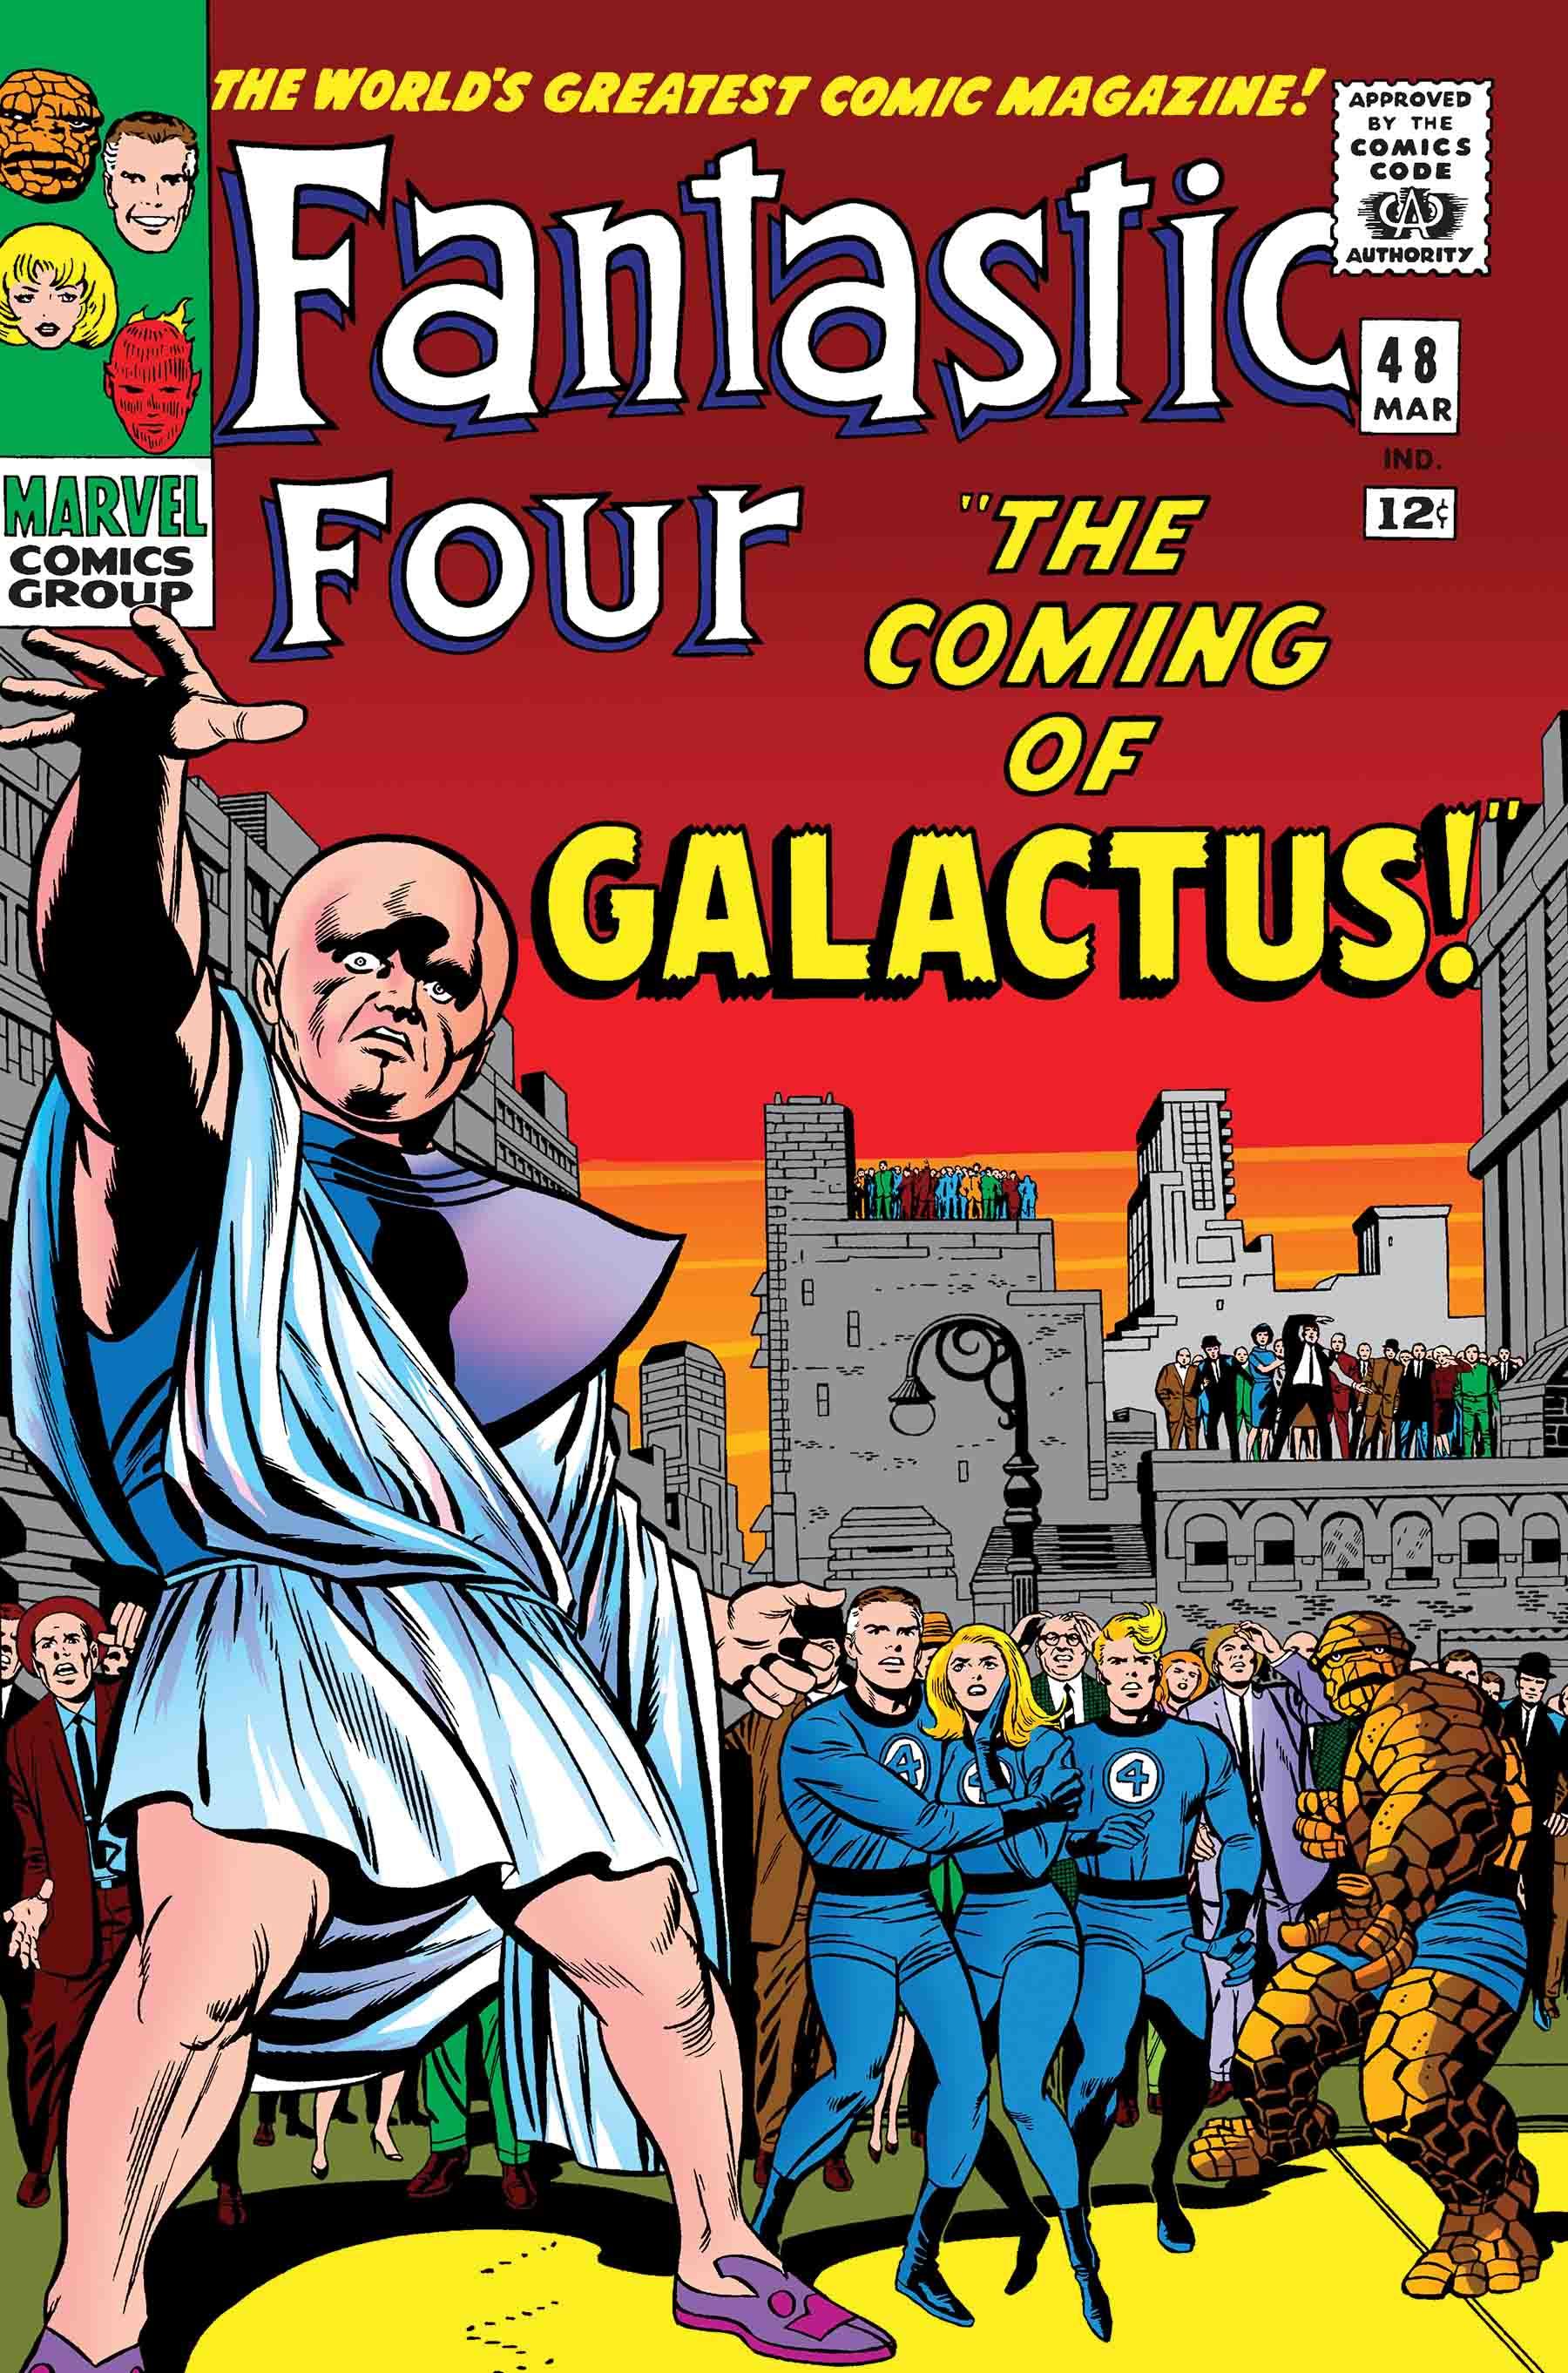 TB_FF_COMING_OF_GALACTUS